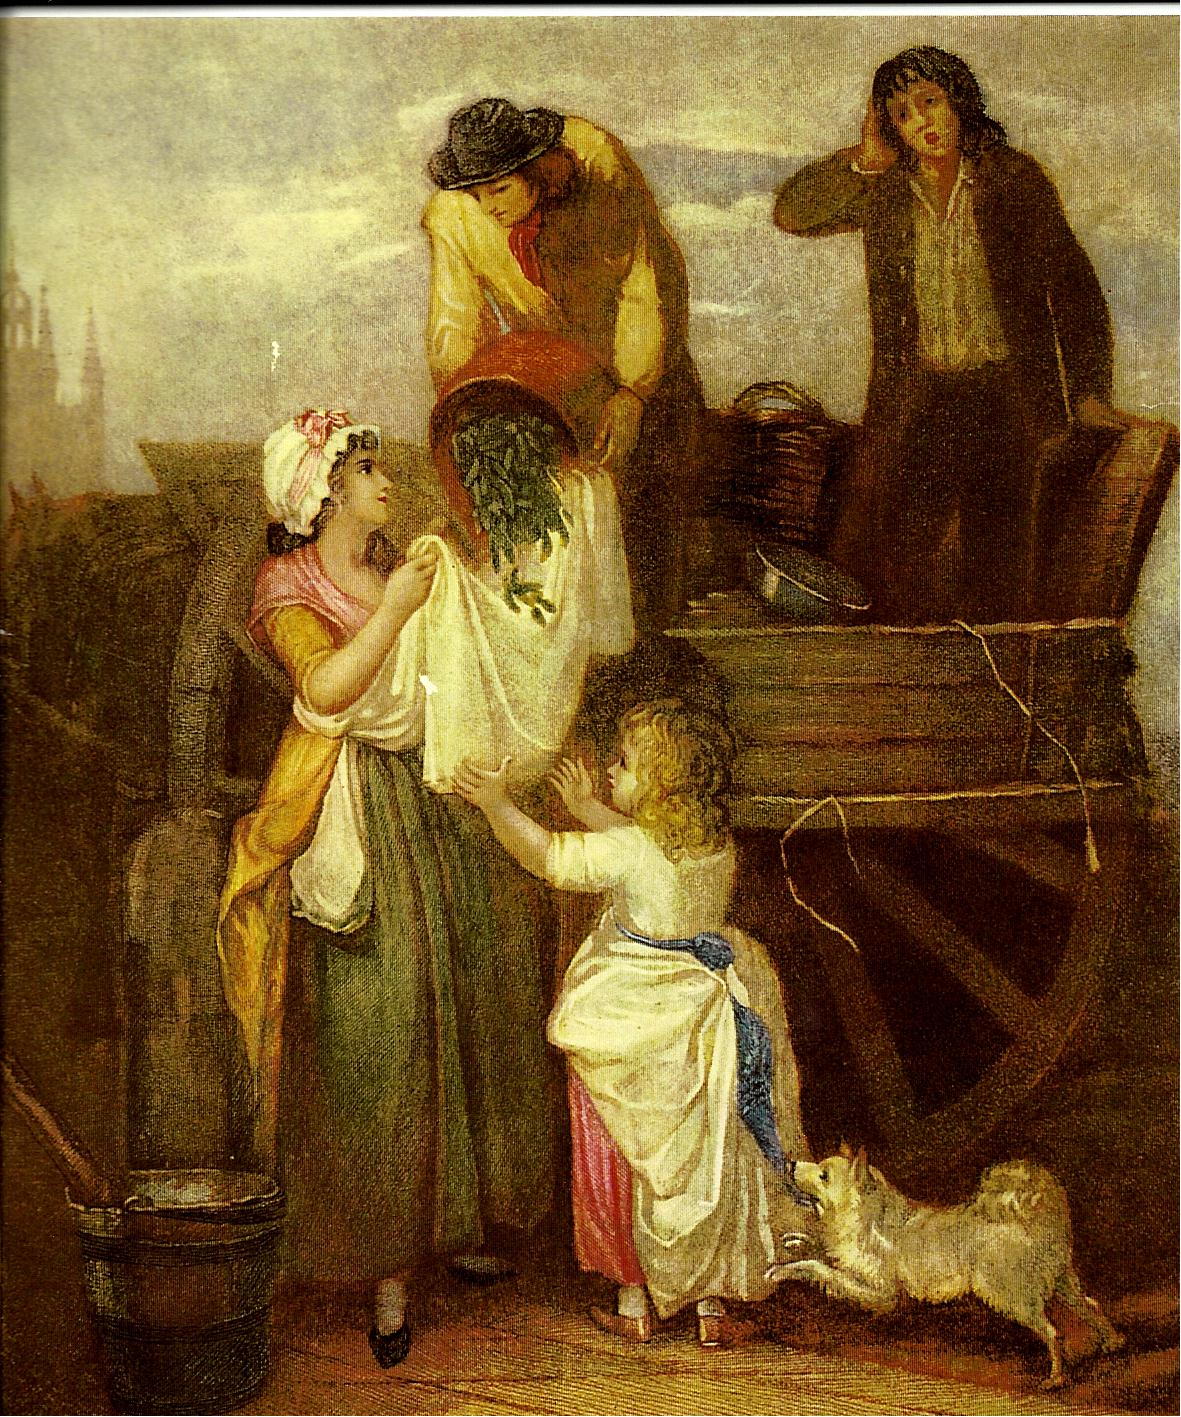 19 Venditori ambulanti. Stampa inglese del XVIII secolo